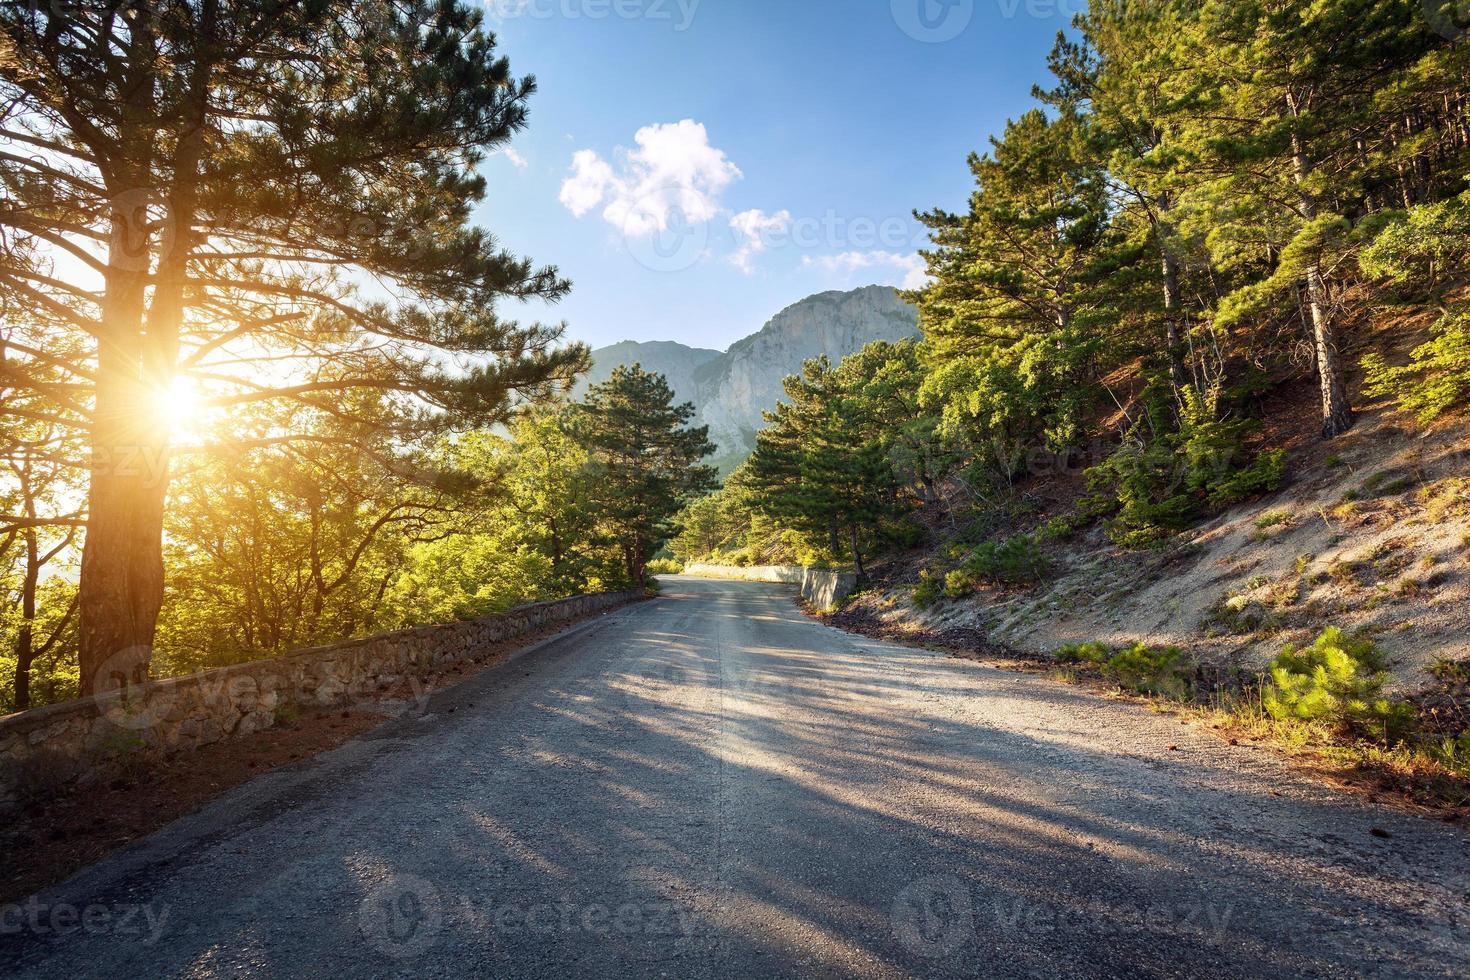 asfaltweg in zomer bos bij zonsondergang. bergen van de Krim foto